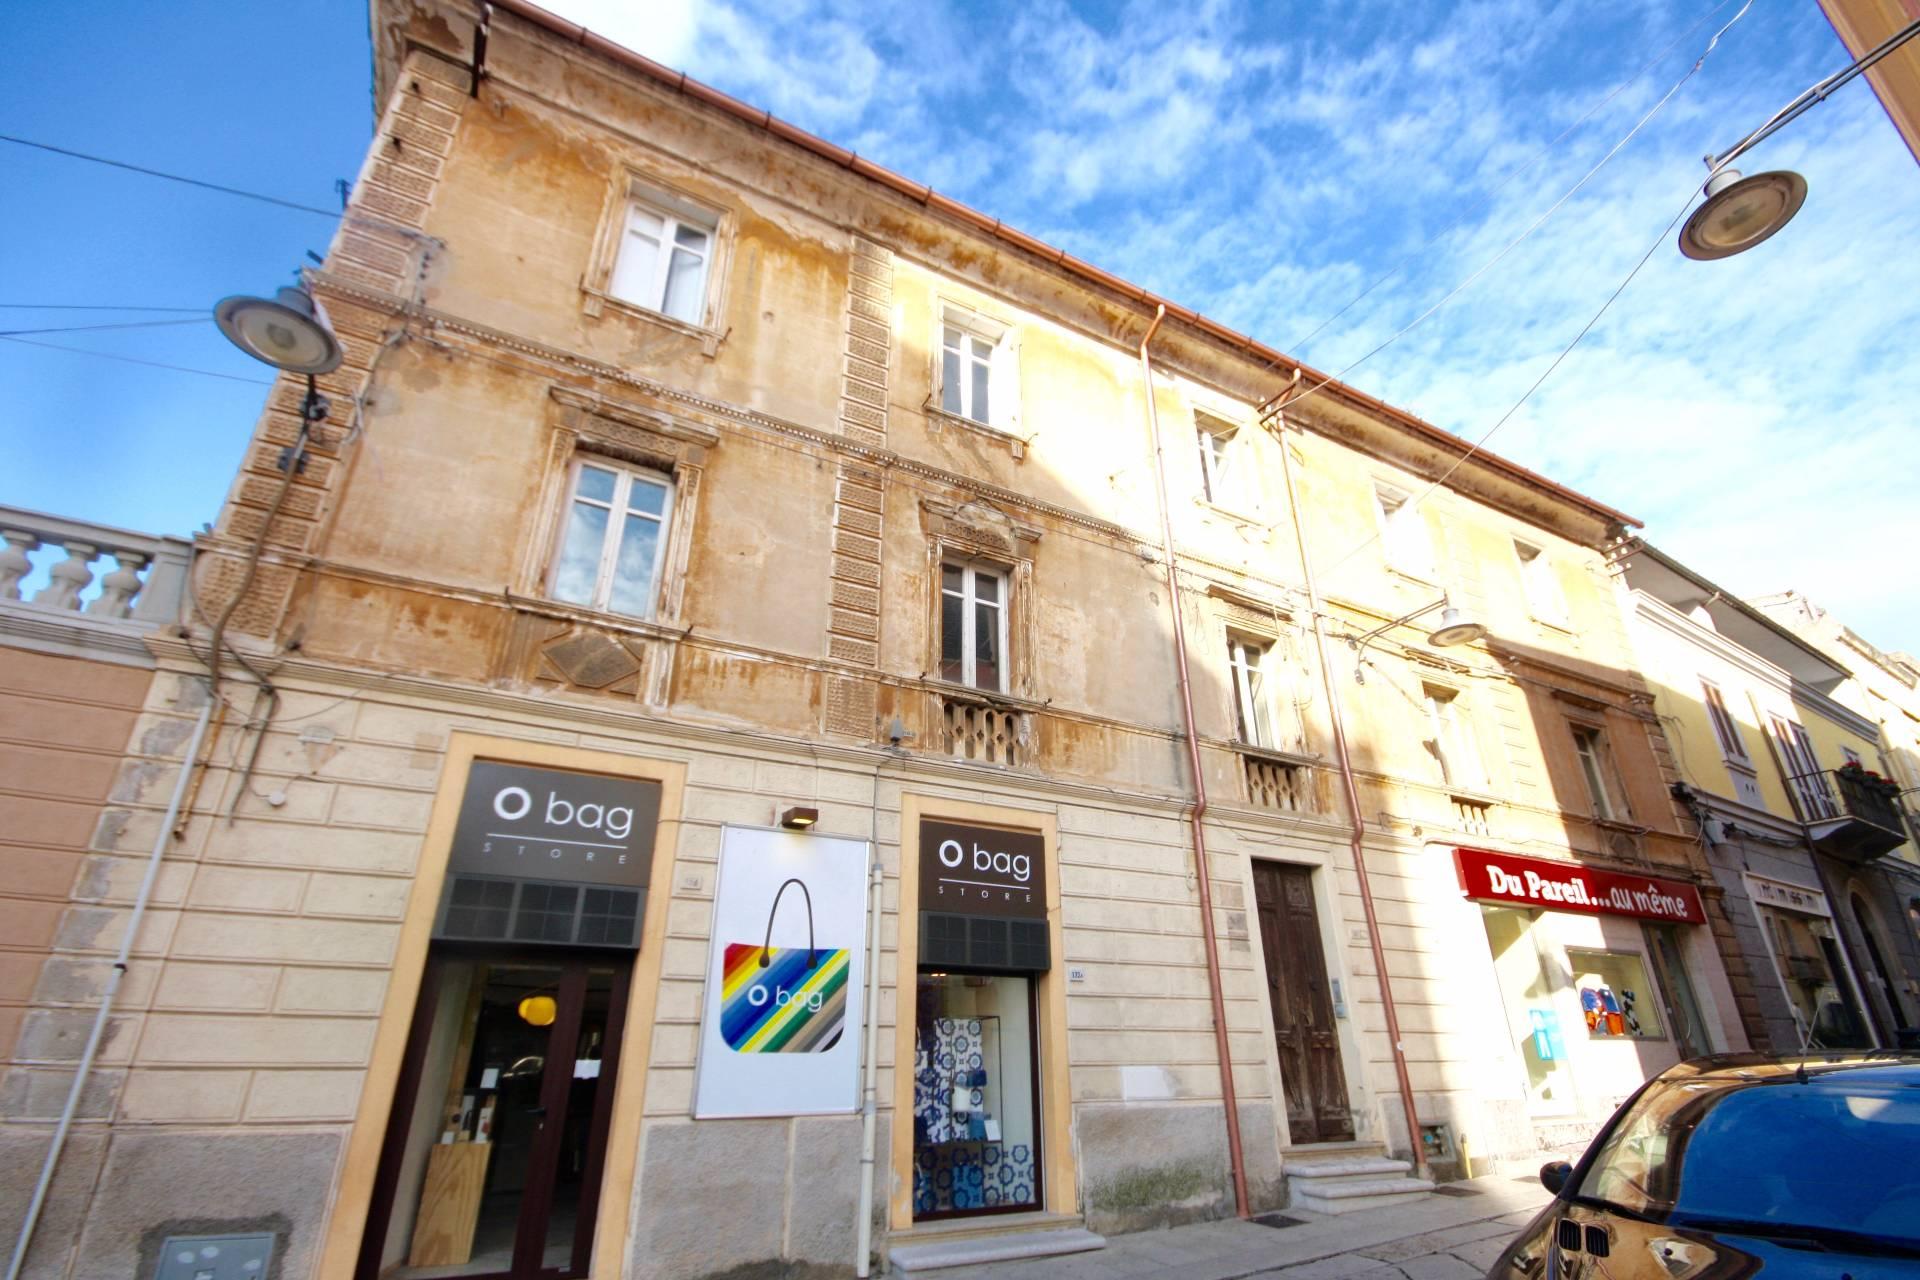 Attico / Mansarda in vendita a Olbia - Porto Rotondo, 15 locali, zona Località: Olbiacittà, prezzo € 1.120.000 | CambioCasa.it